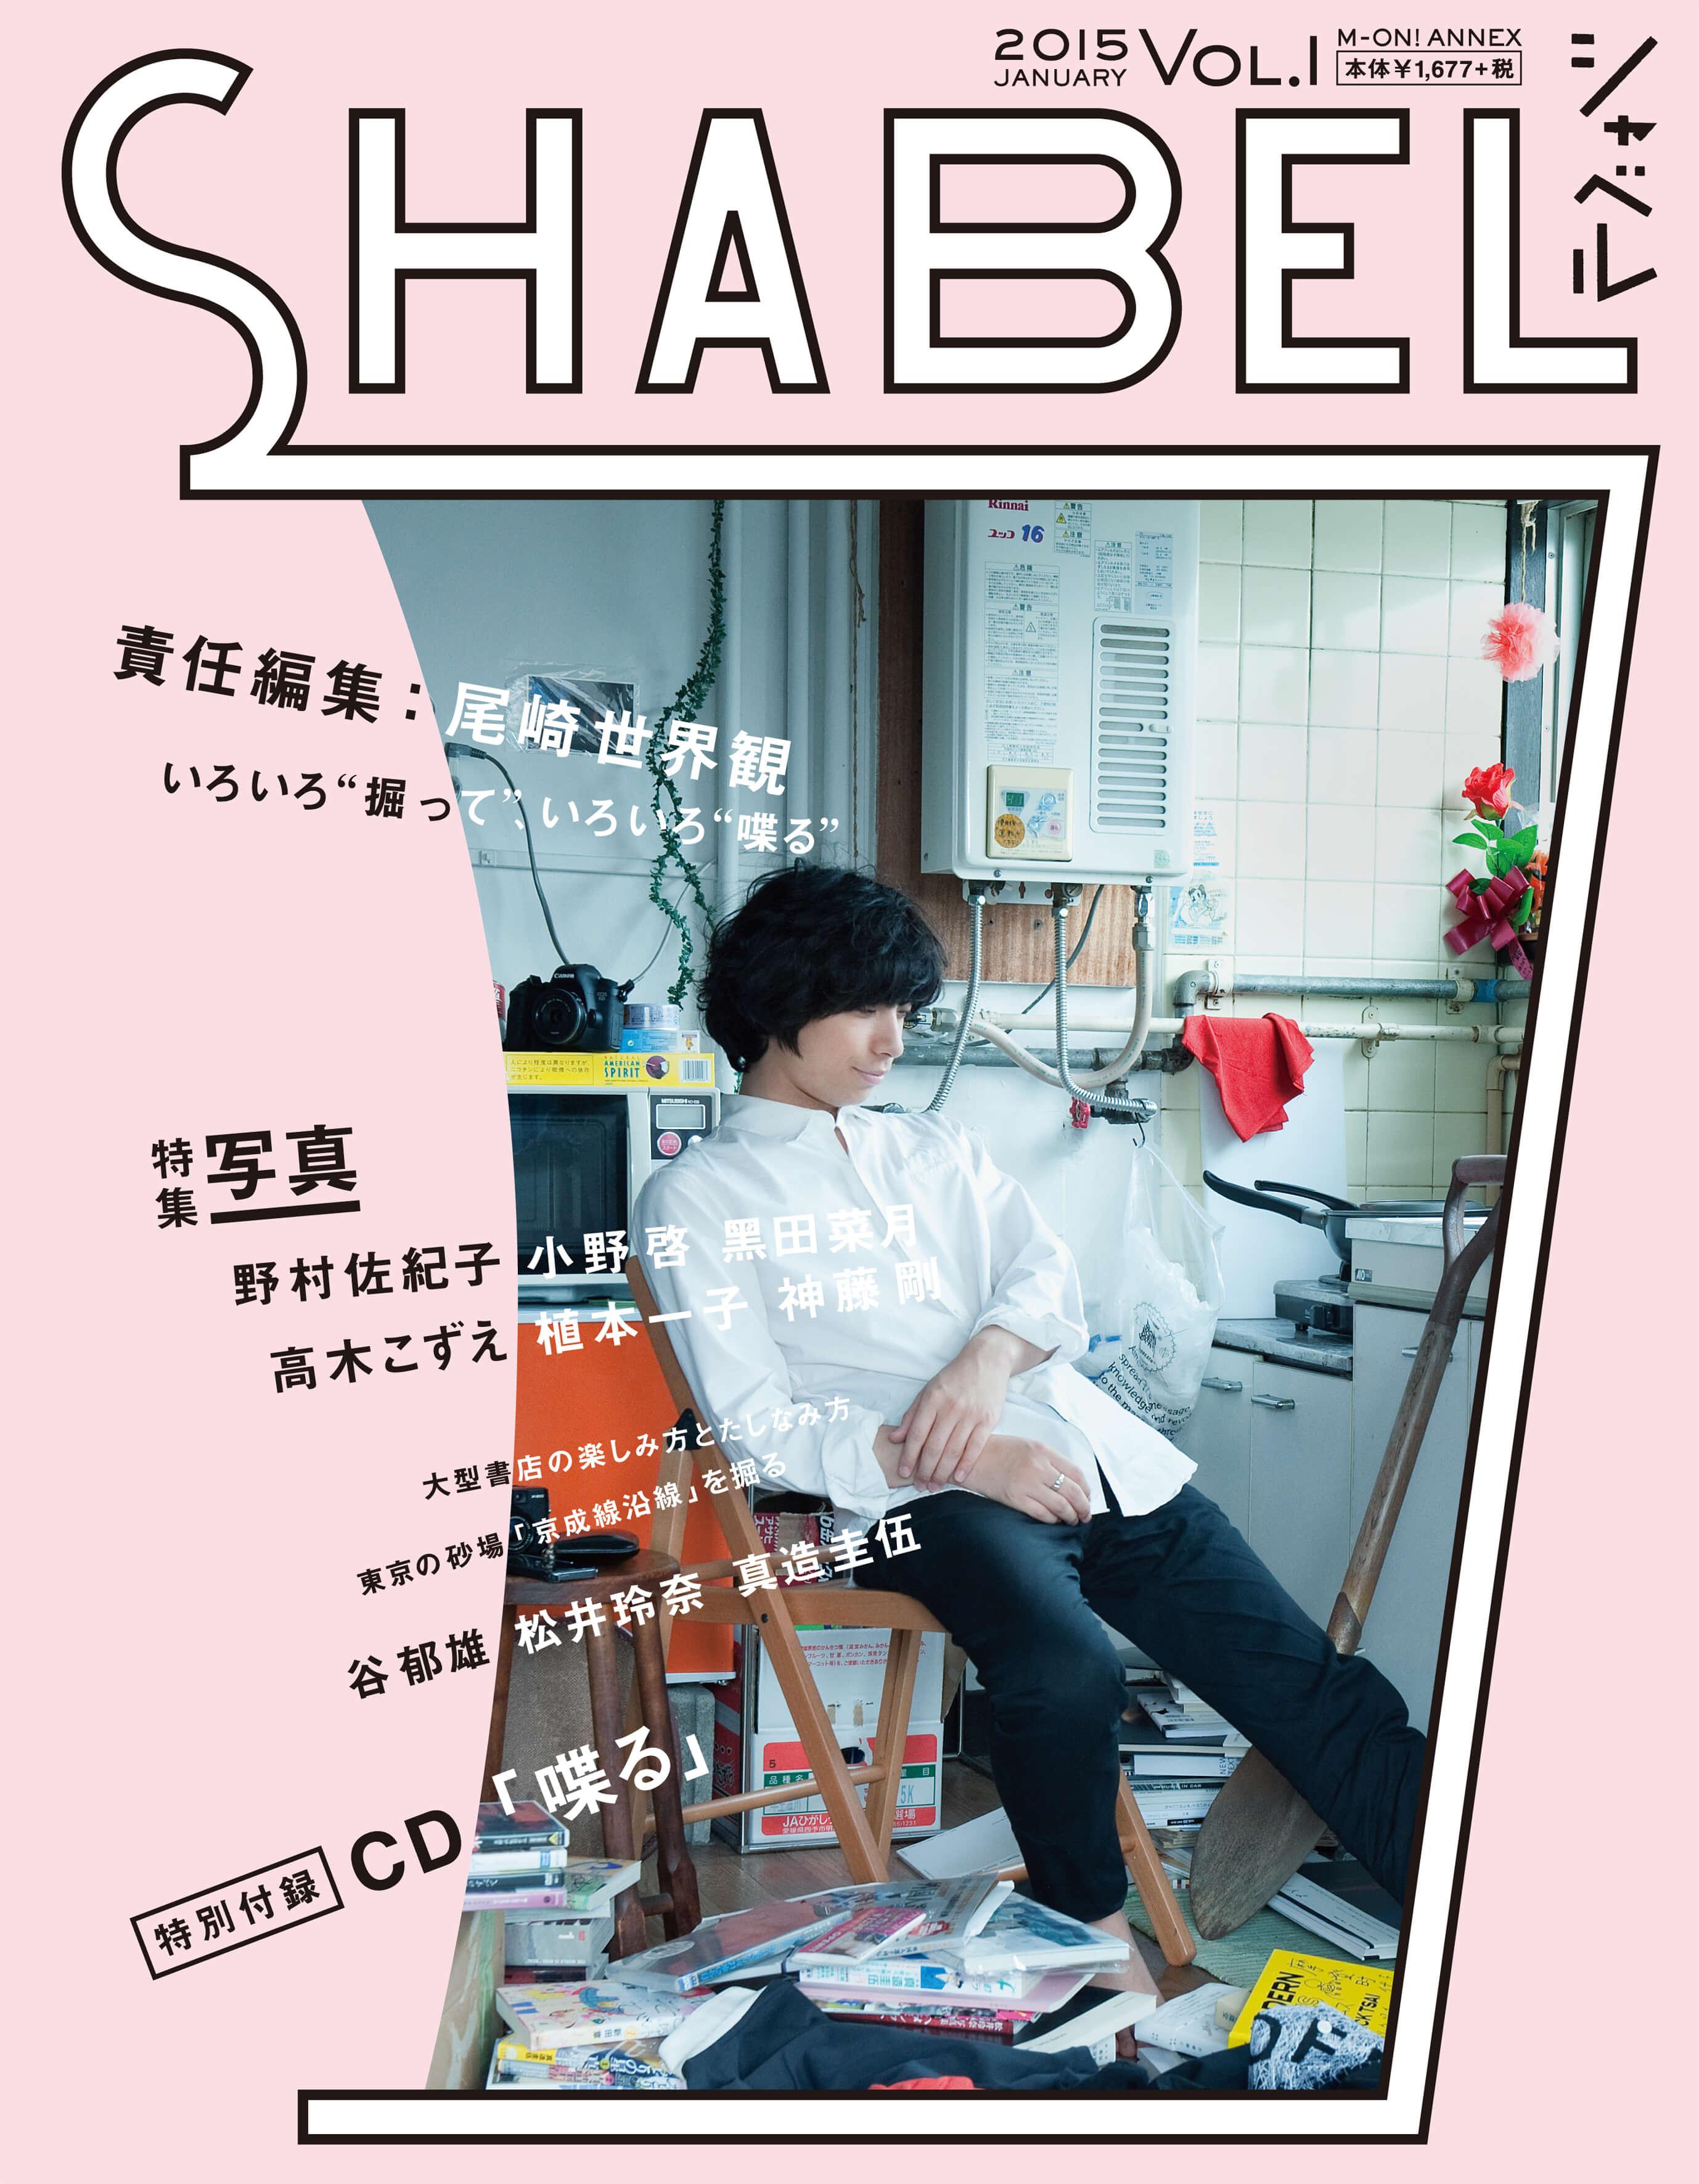 「SHABEL(シャベル)Vol.1」